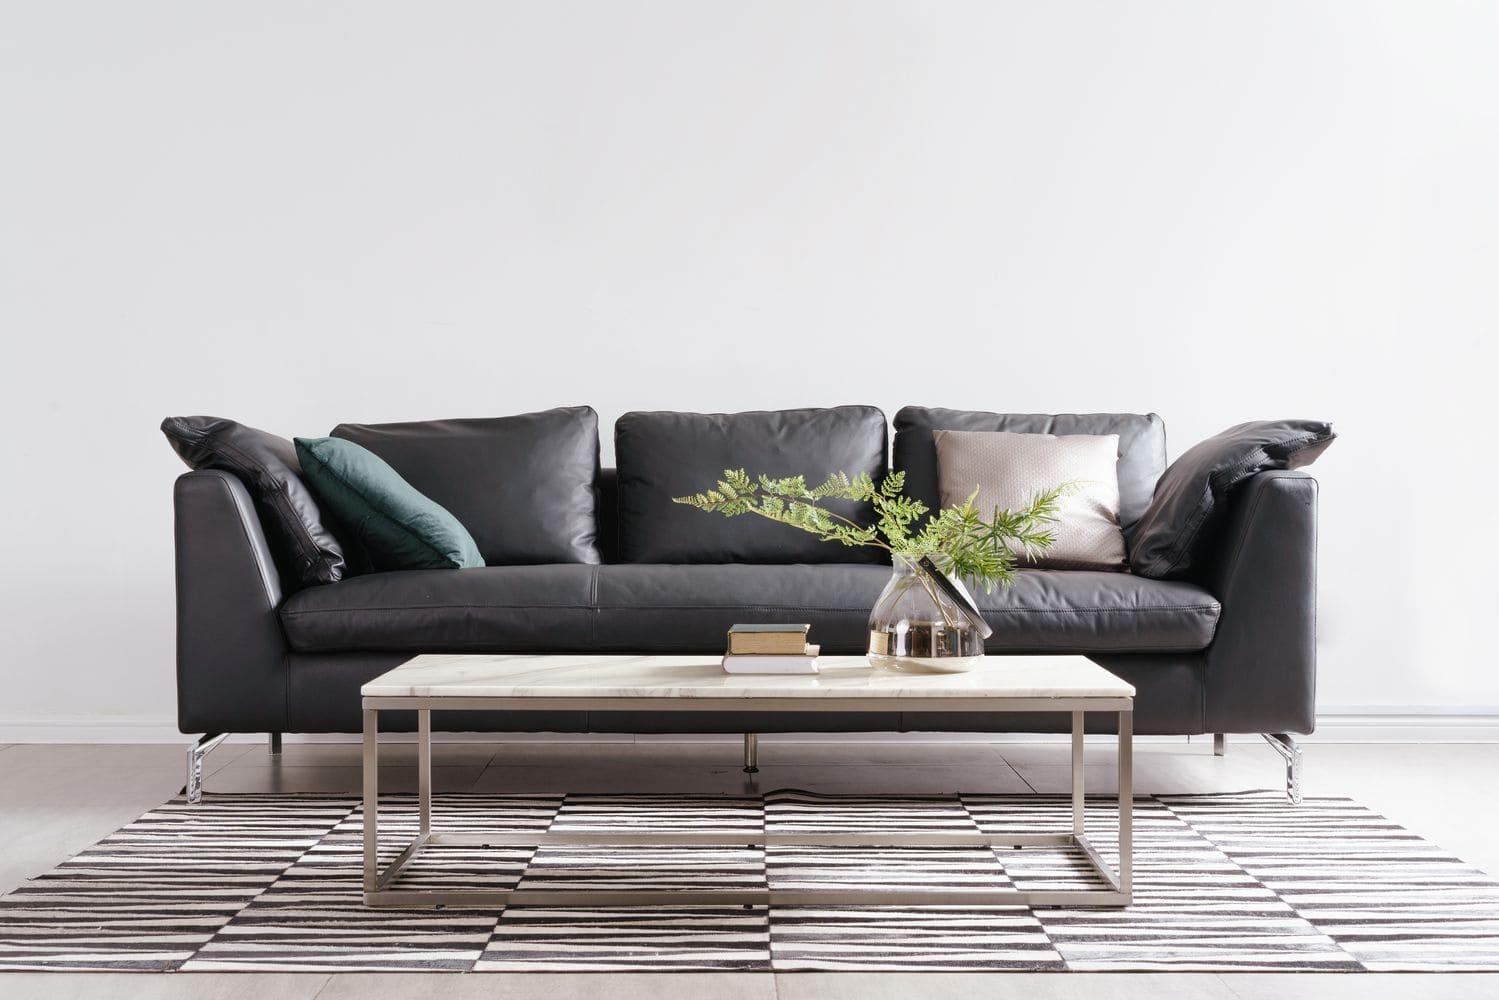 sofa 3 cho19 min - Top 10 Ghế Sofa 3 Chỗ Đáng Mua Nhất Hiện Nay Phù Hợp Với Mọi Gia Đình